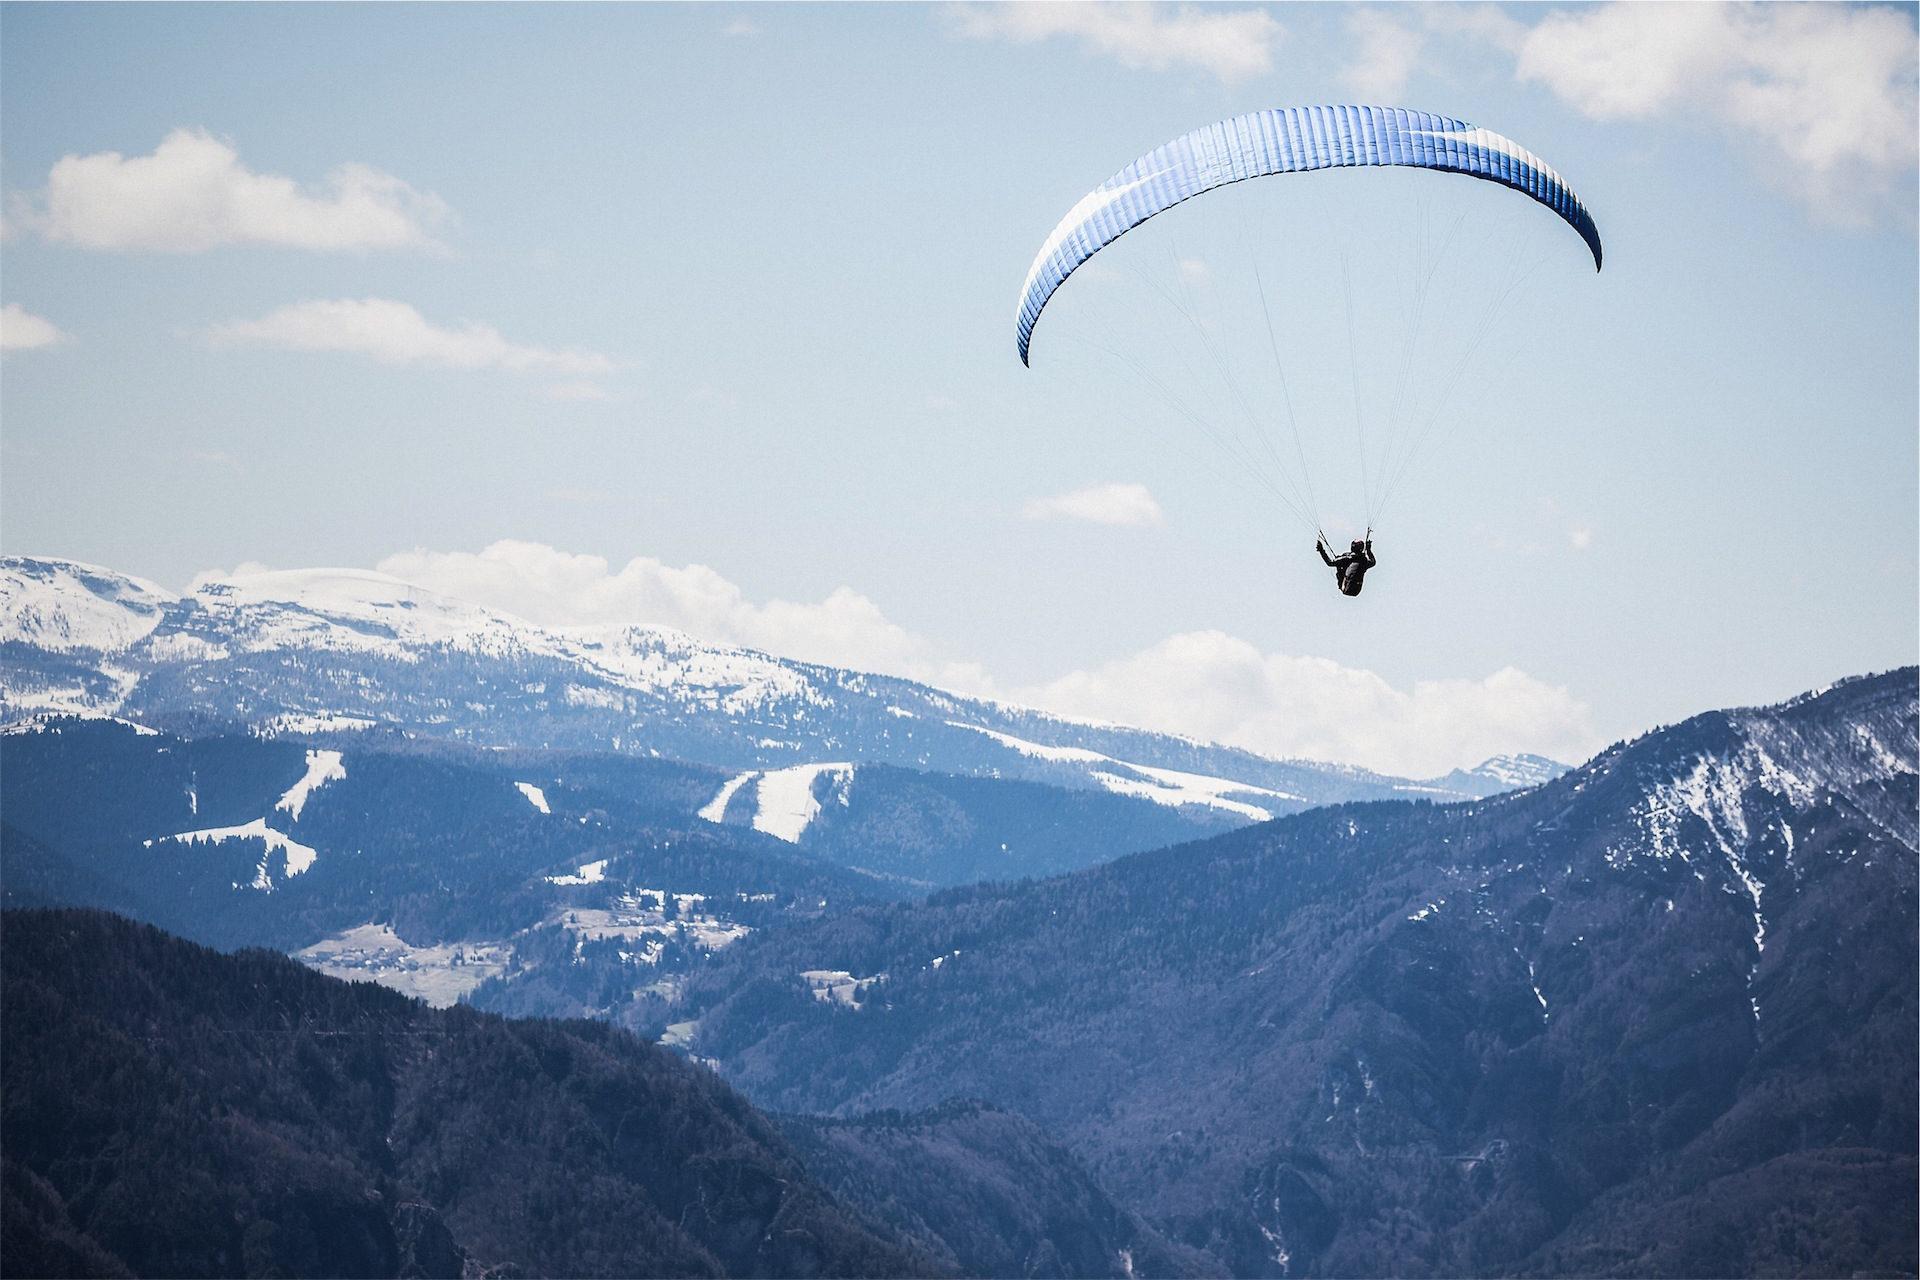 Fallschirmspringen, Fallschirm, fliegen, Berge, Himmel - Wallpaper HD - Prof.-falken.com